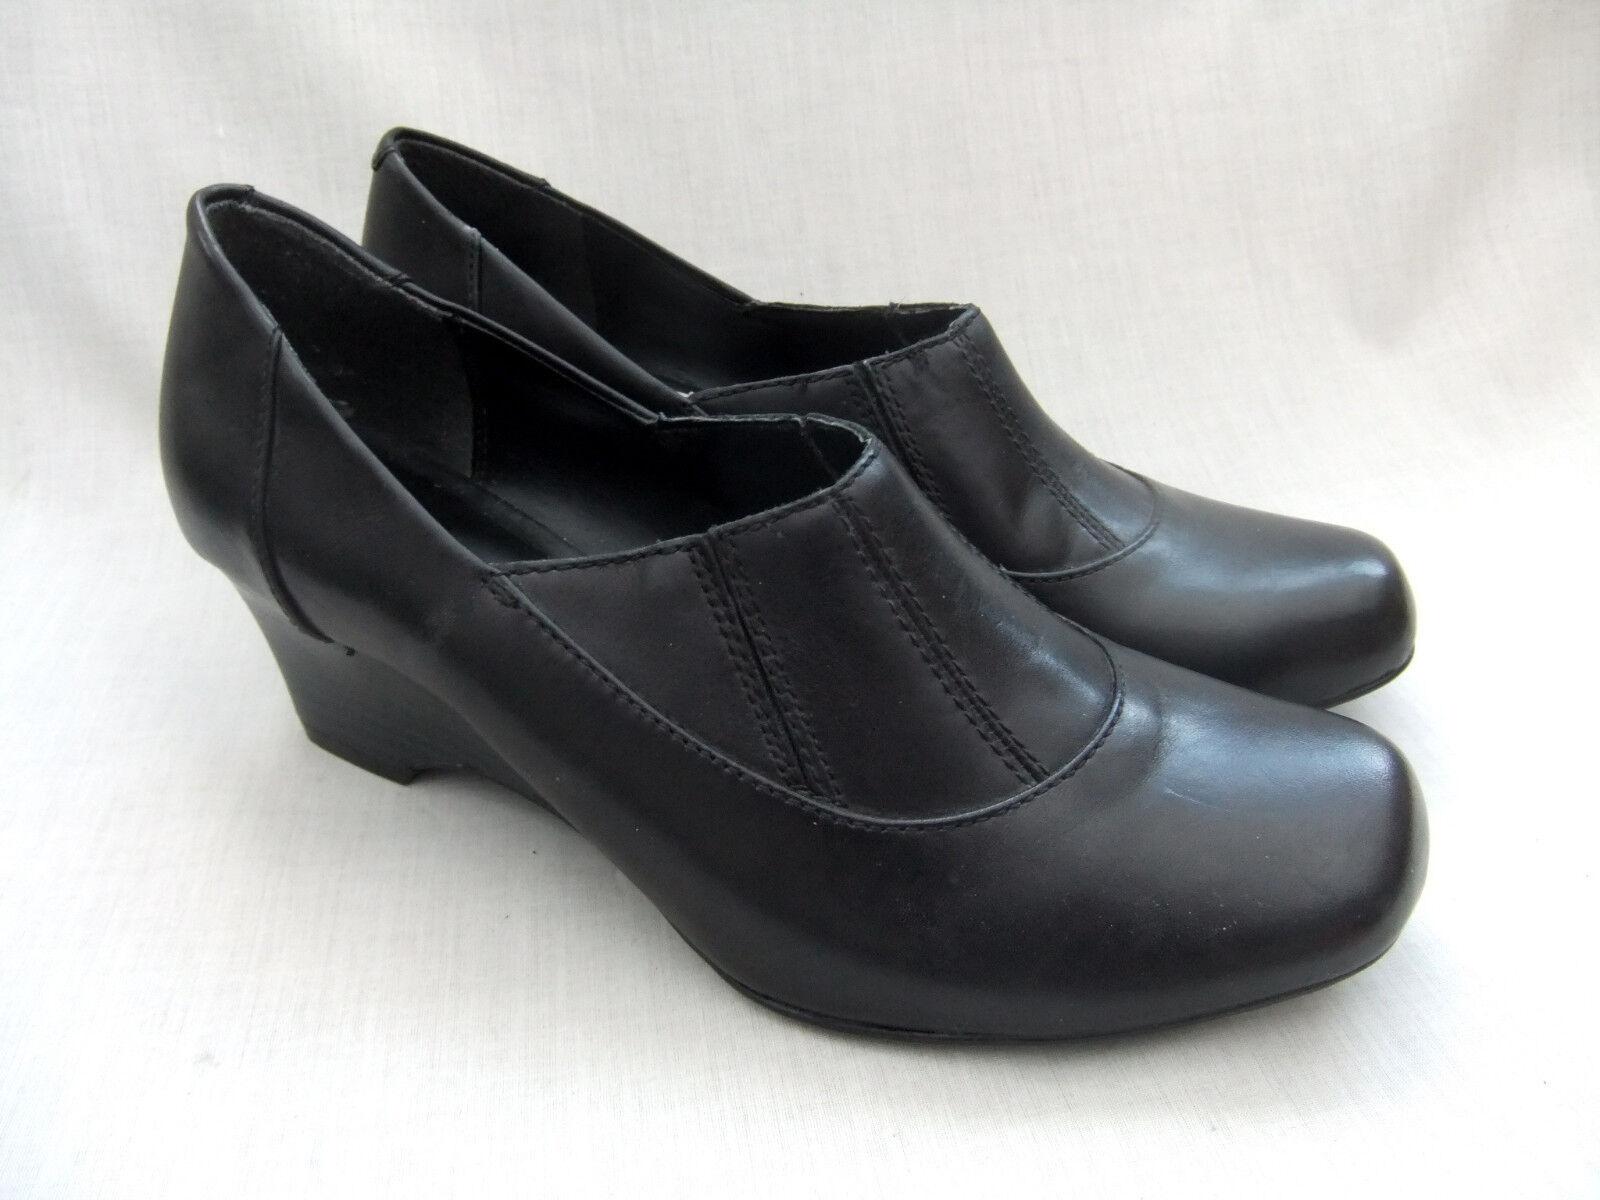 New Clarks Oreilles de lapin pour femme cuir noir chaussures montantes taille 7.5 41.5